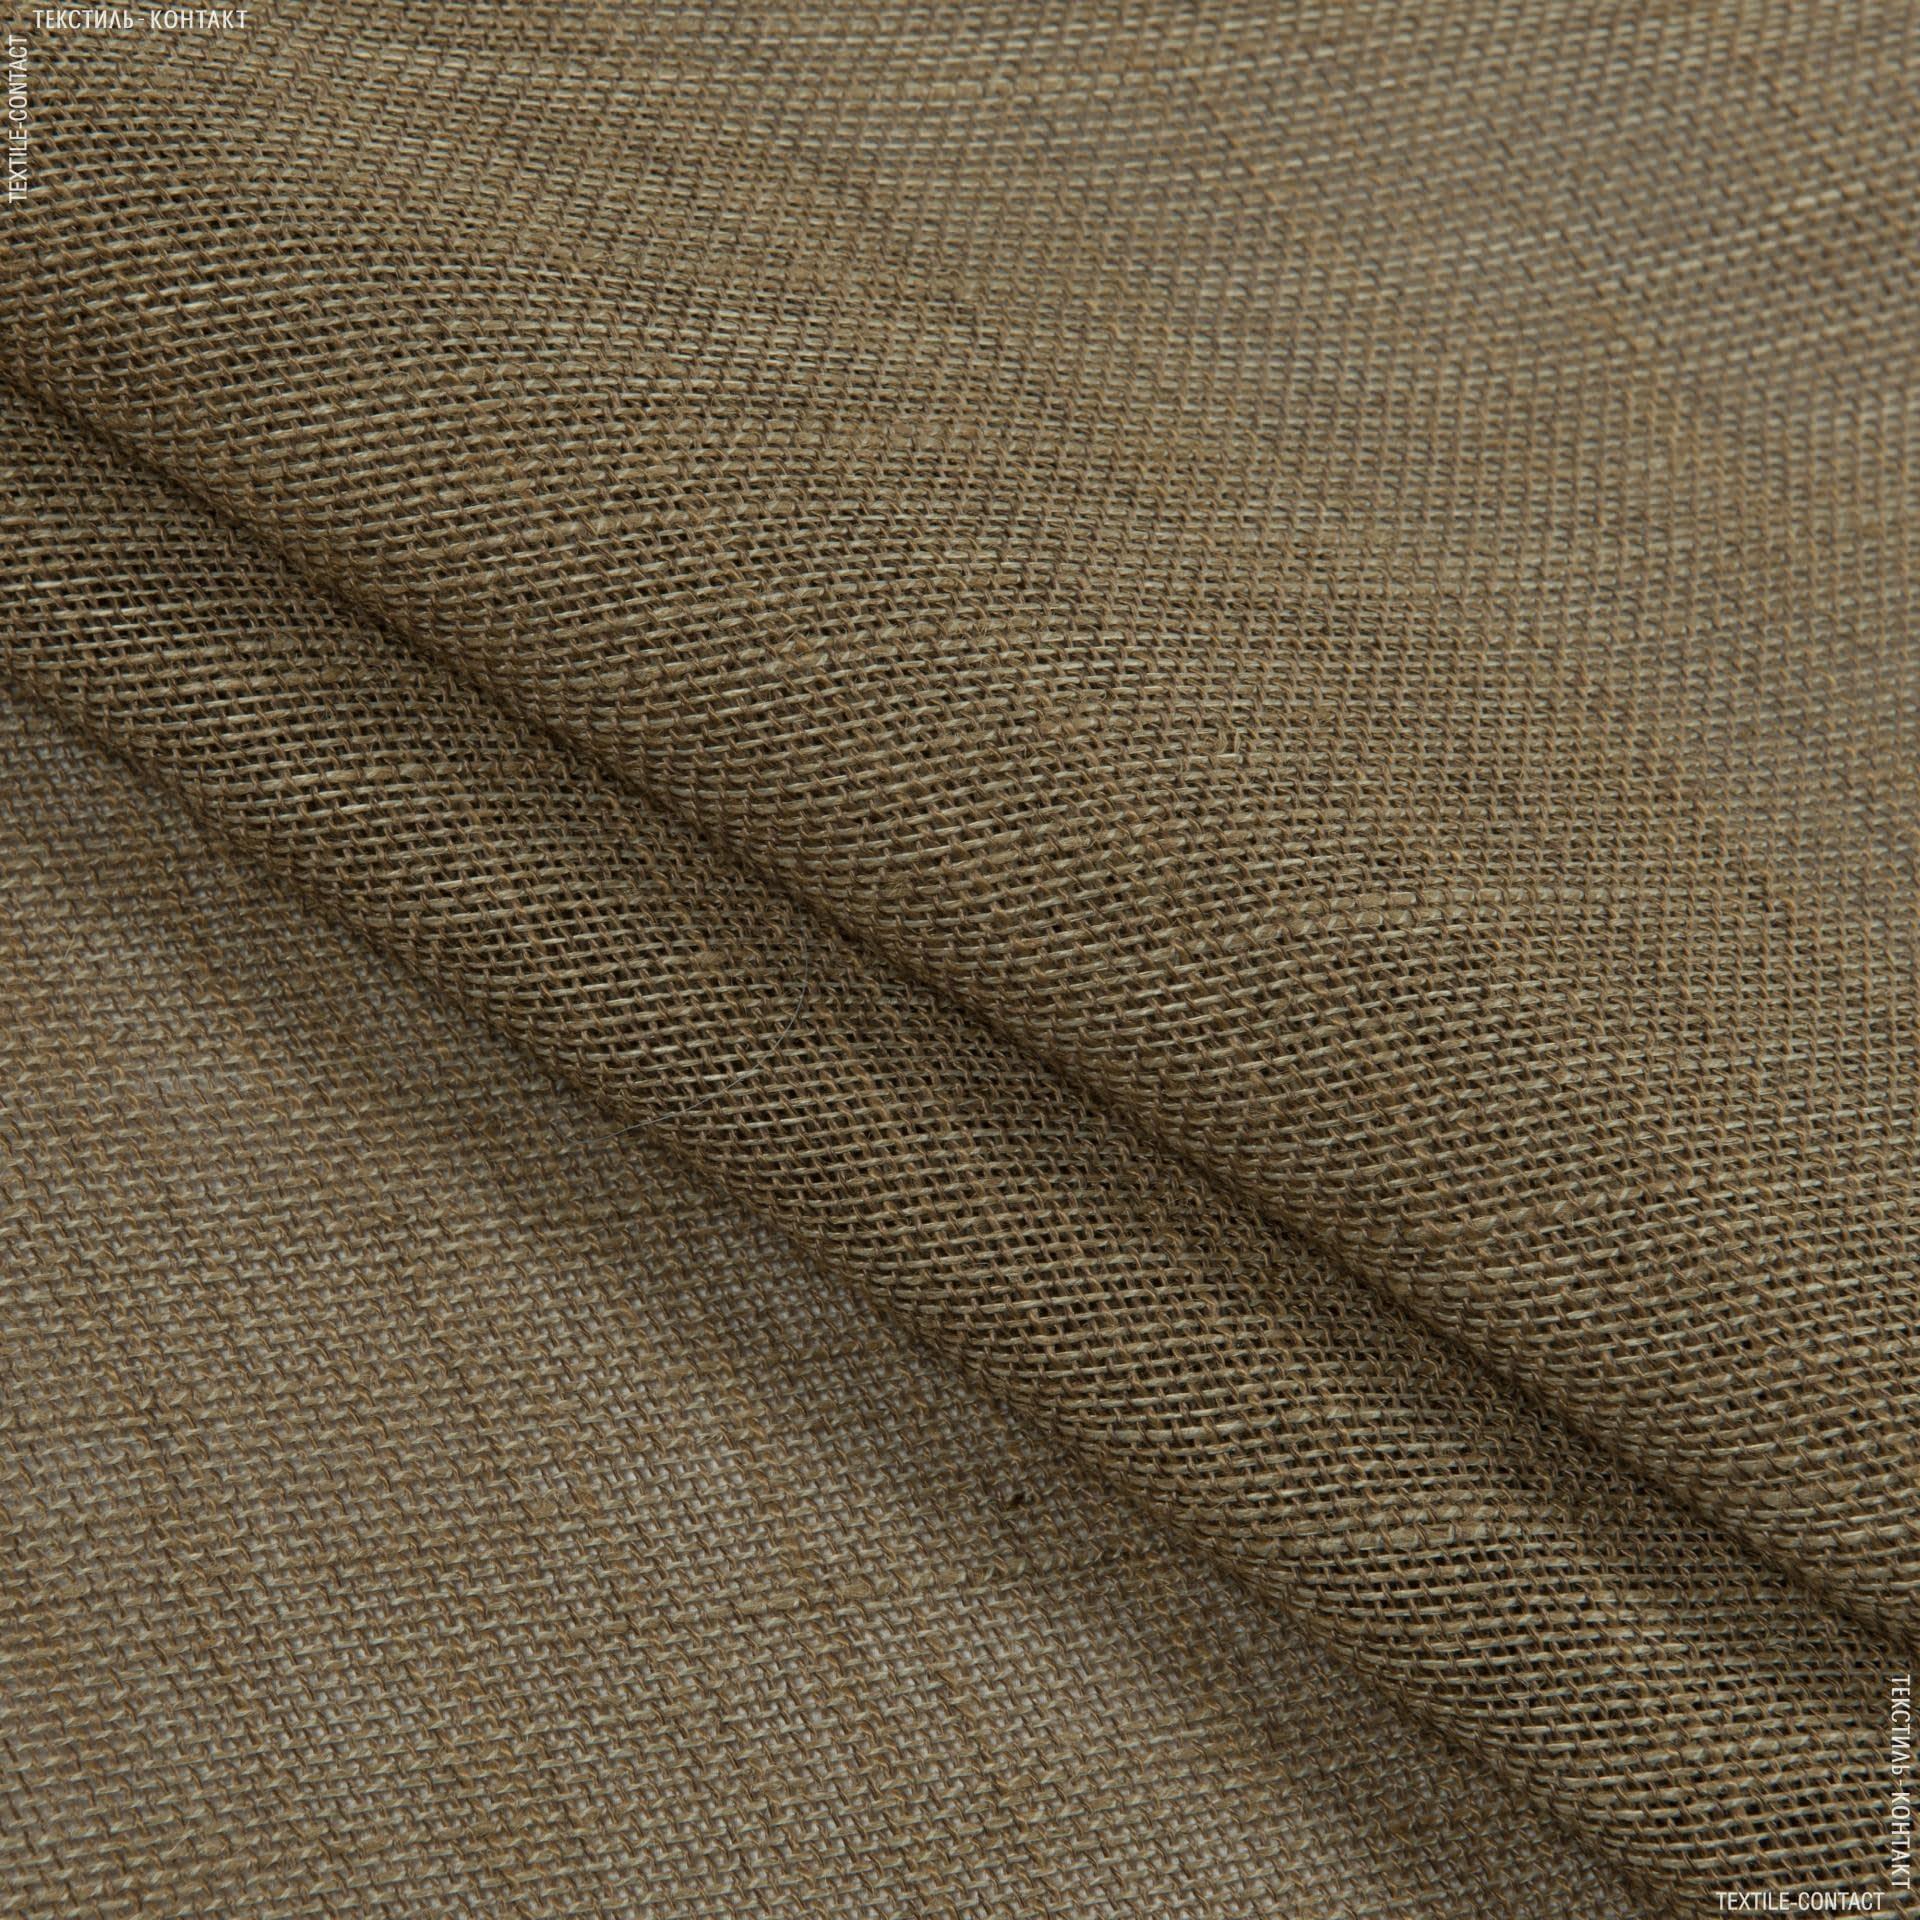 Ткани для сумок - Декоративная мешковина беж